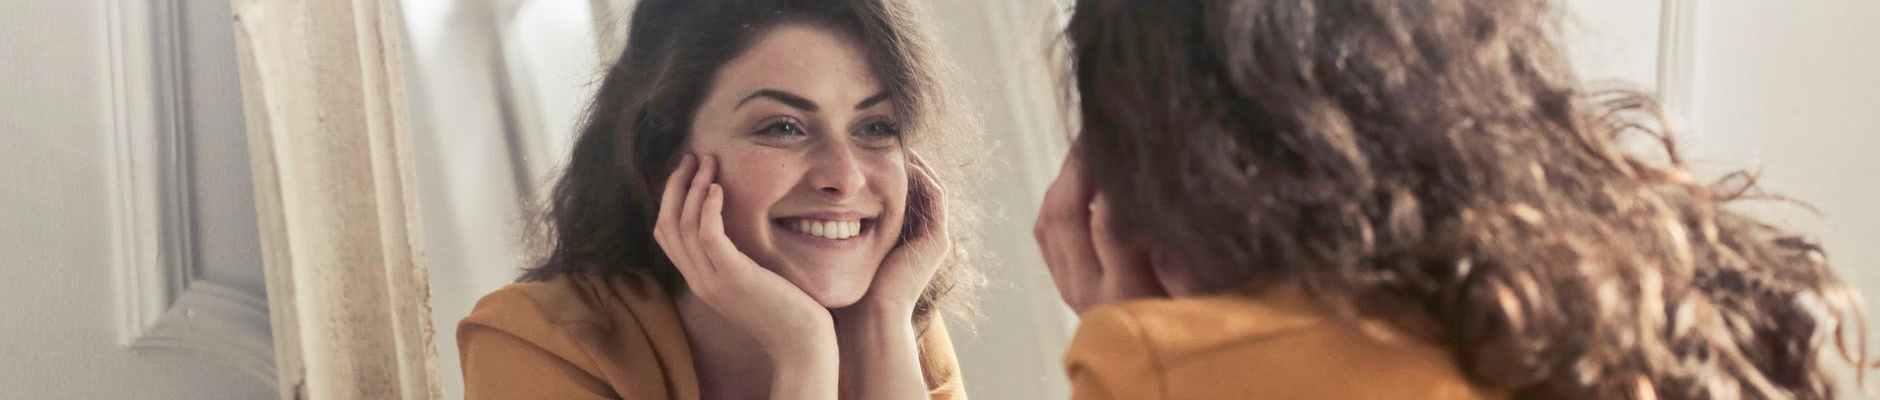 5 znakova koji pokazuju nedostatak vitamina a doslovno pišu na licu